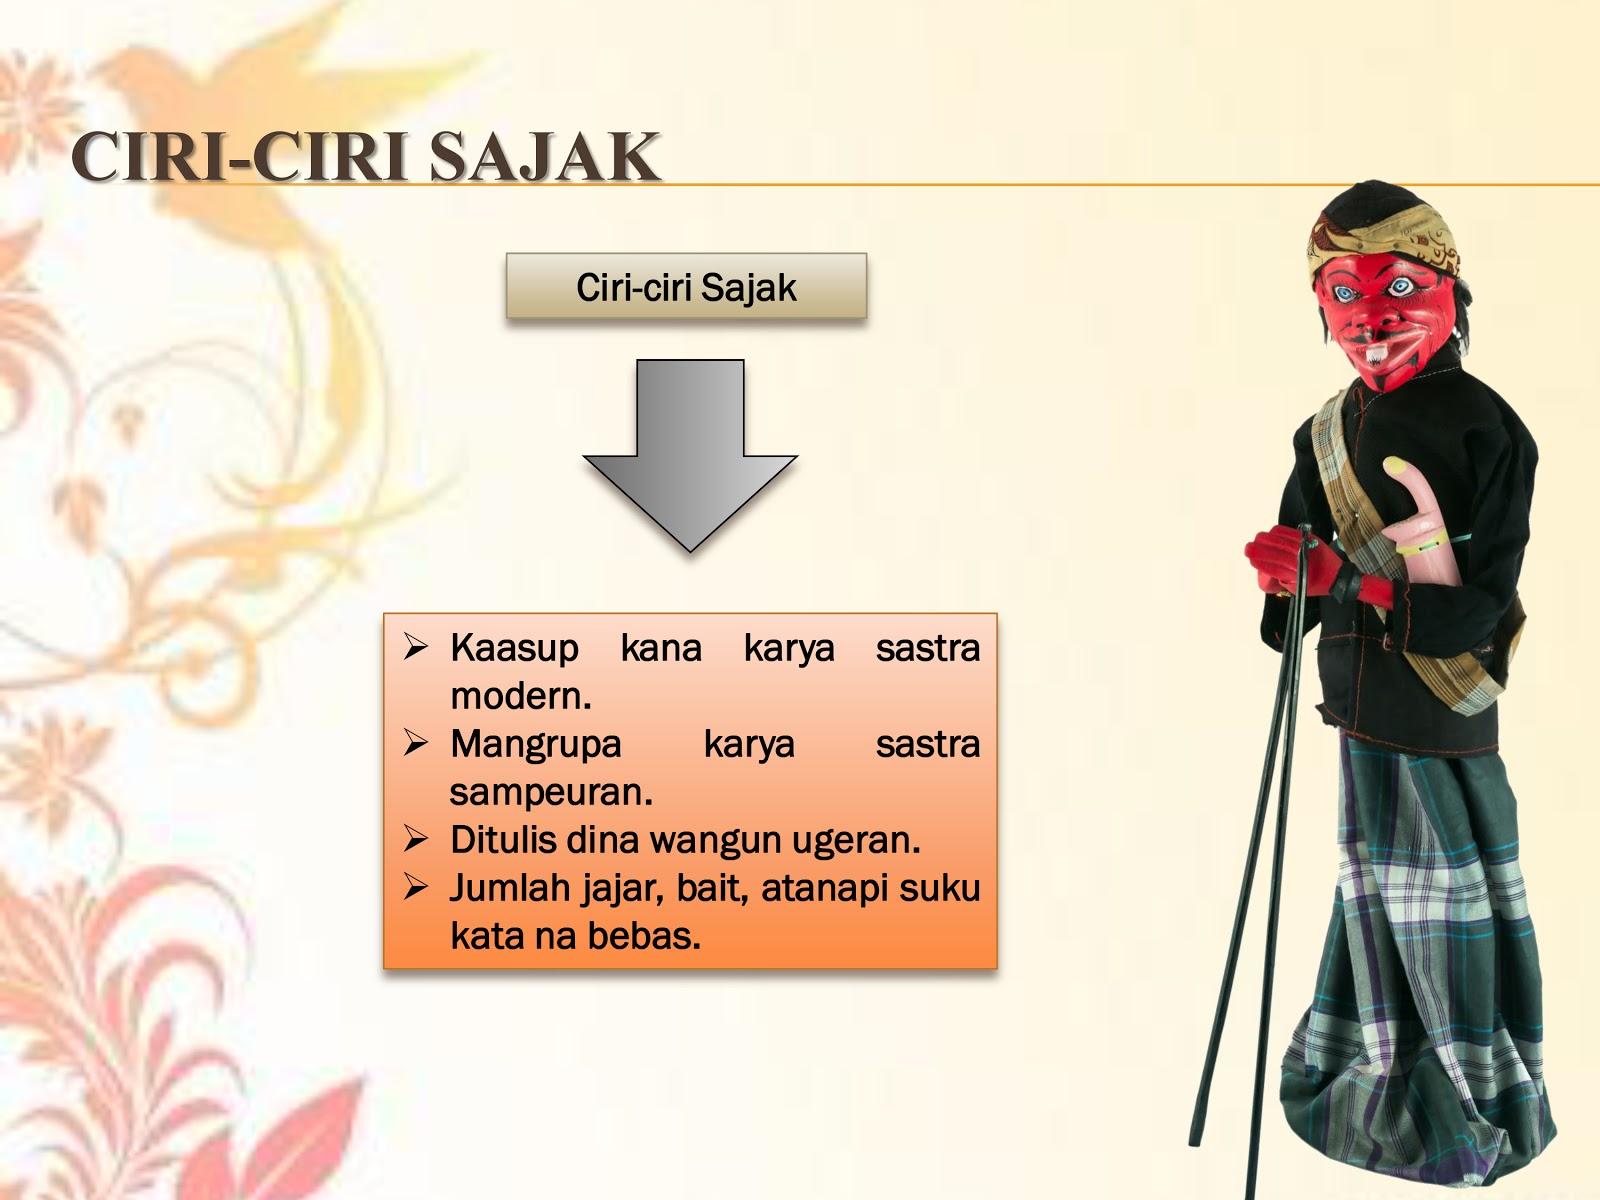 Pengertian Sajak Dalam Bahasa Sunda Tips And Trik 1